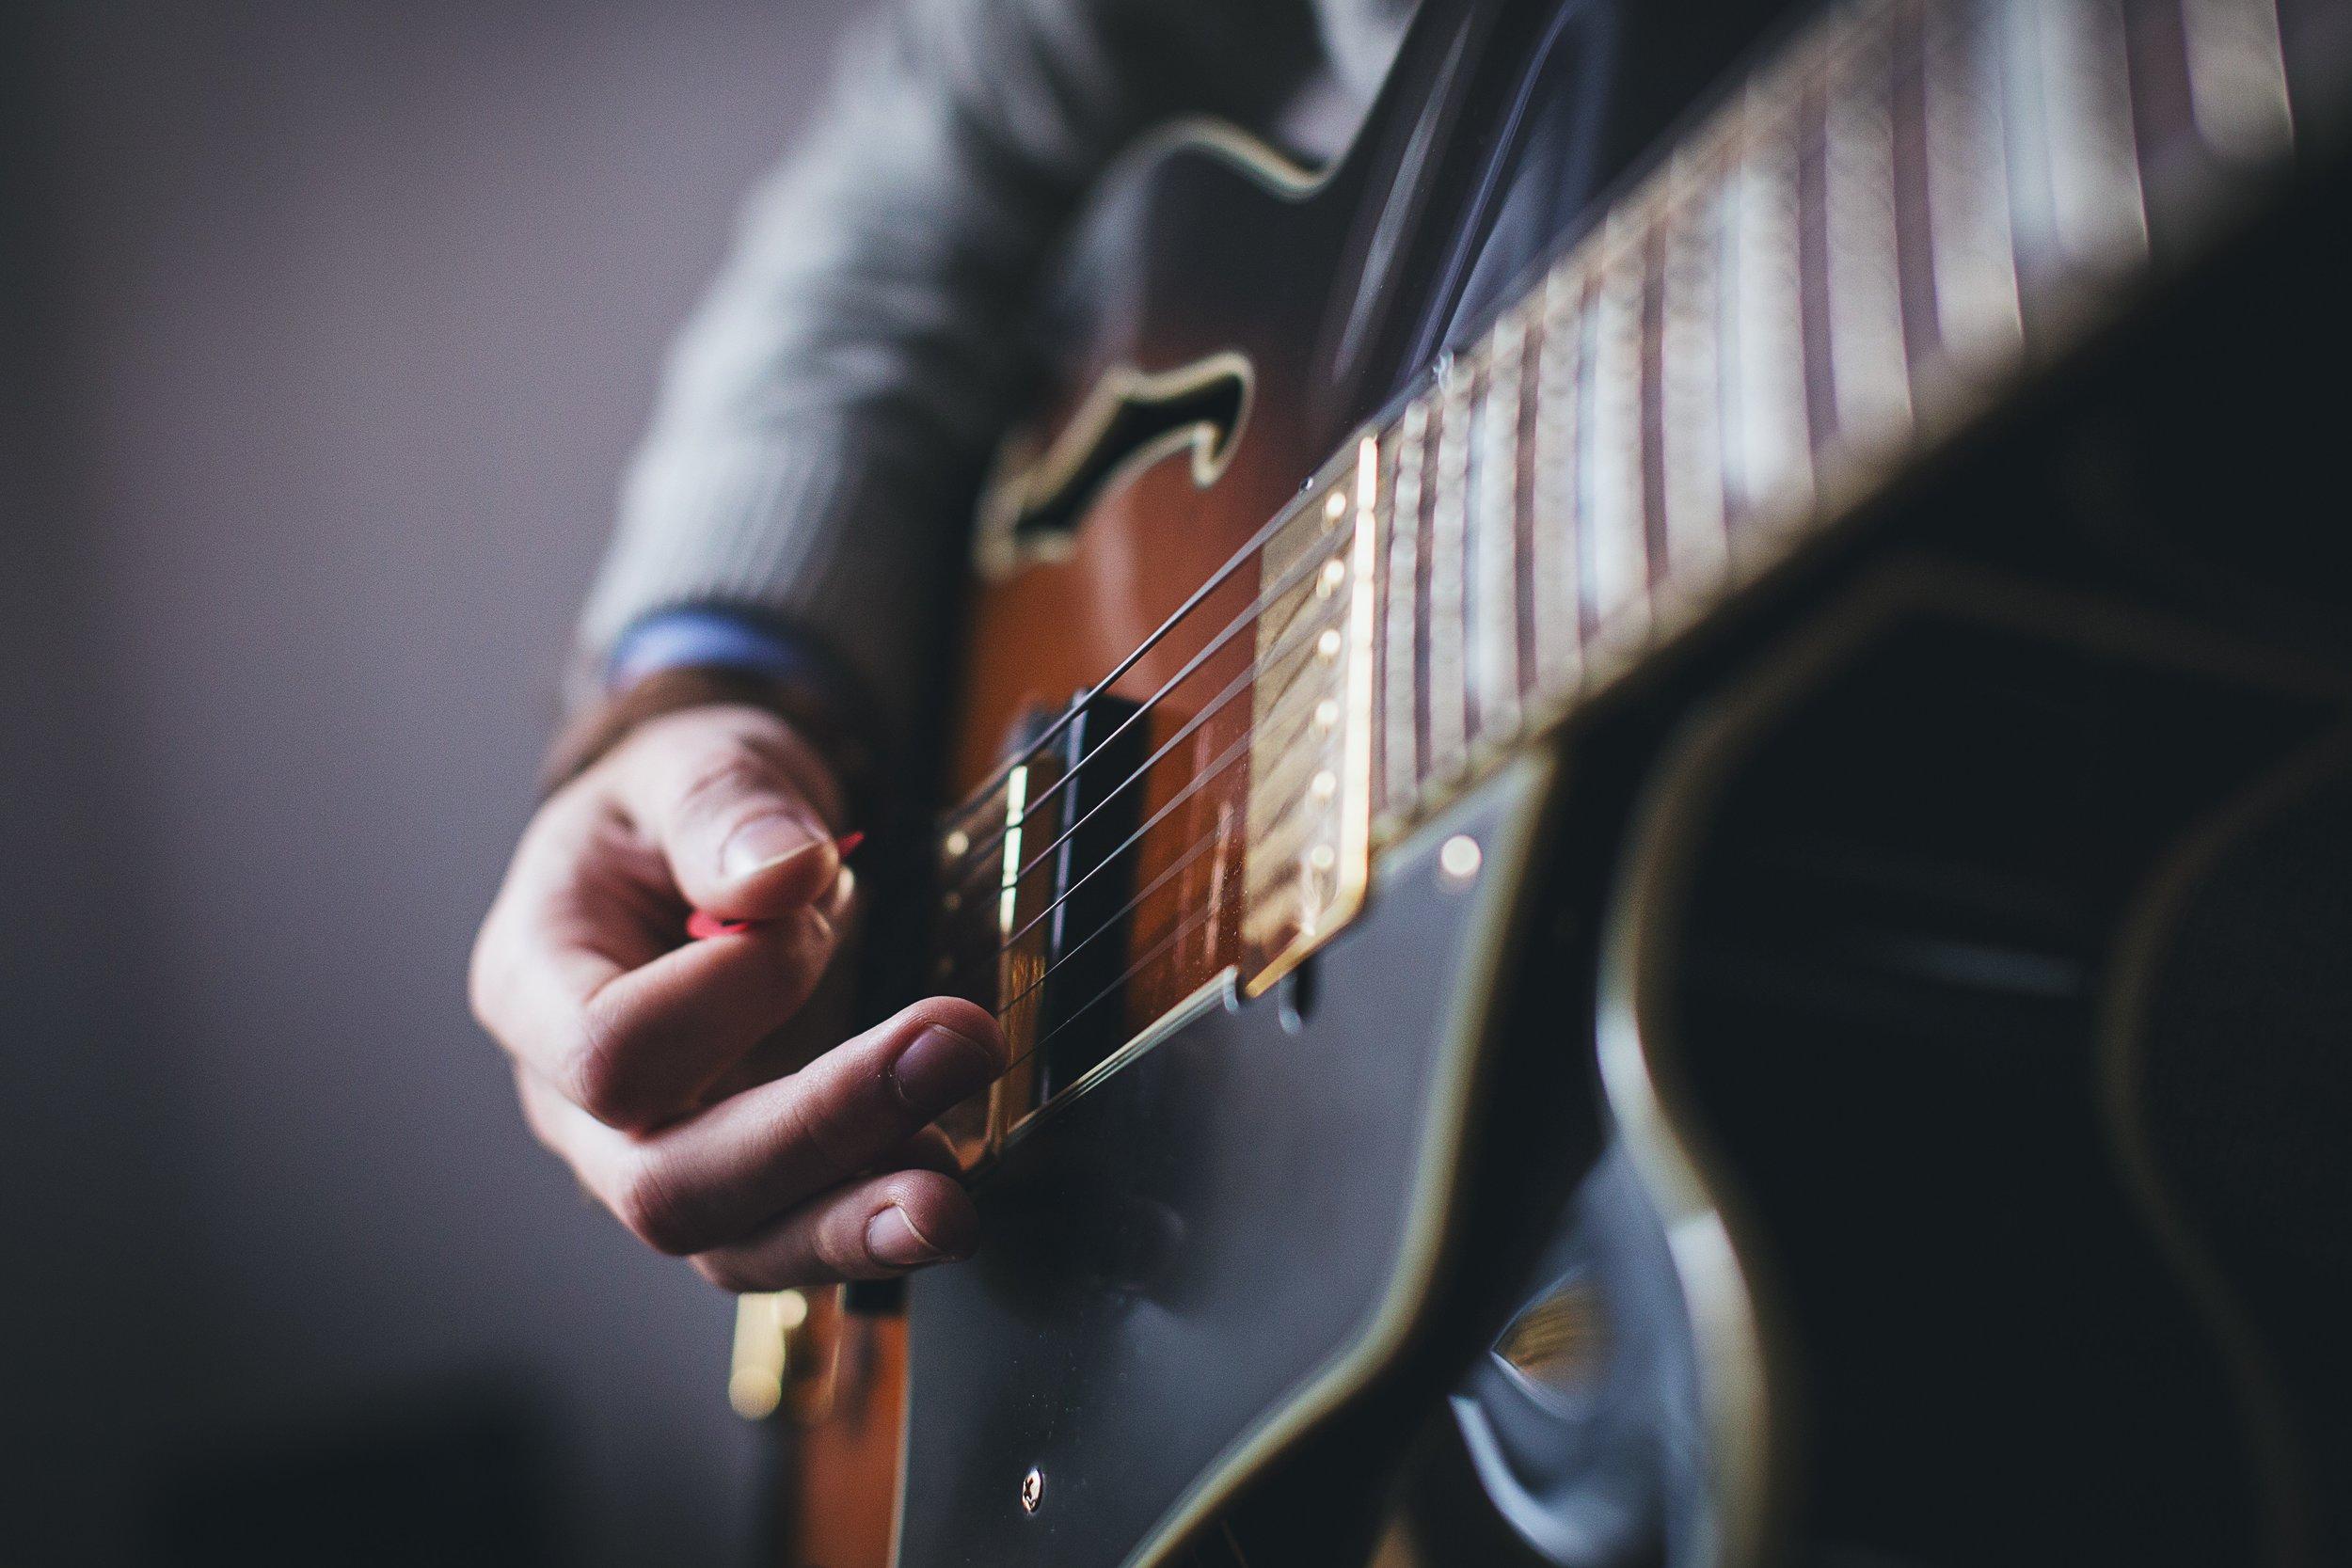 e-guitar-electric-guitar-15919.jpg